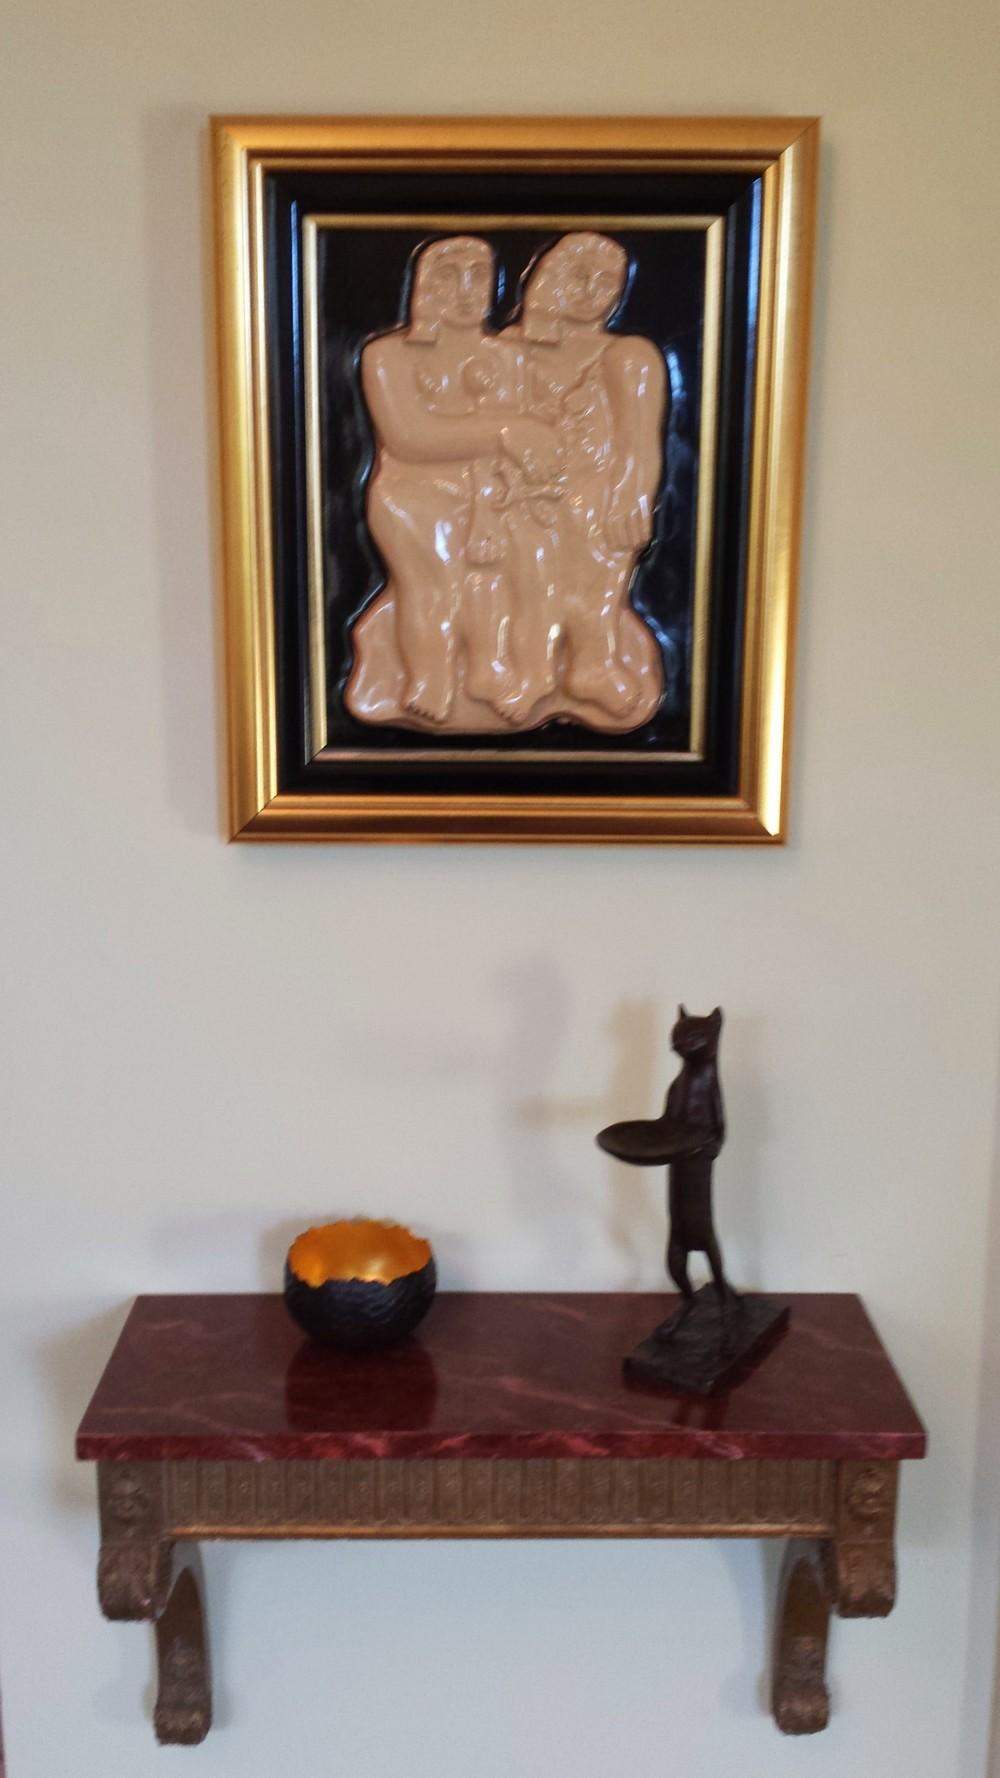 Fernand Léger Les Deux Soeurs c. 1920 Painted ceramic. 16 x 12 1/8 in.